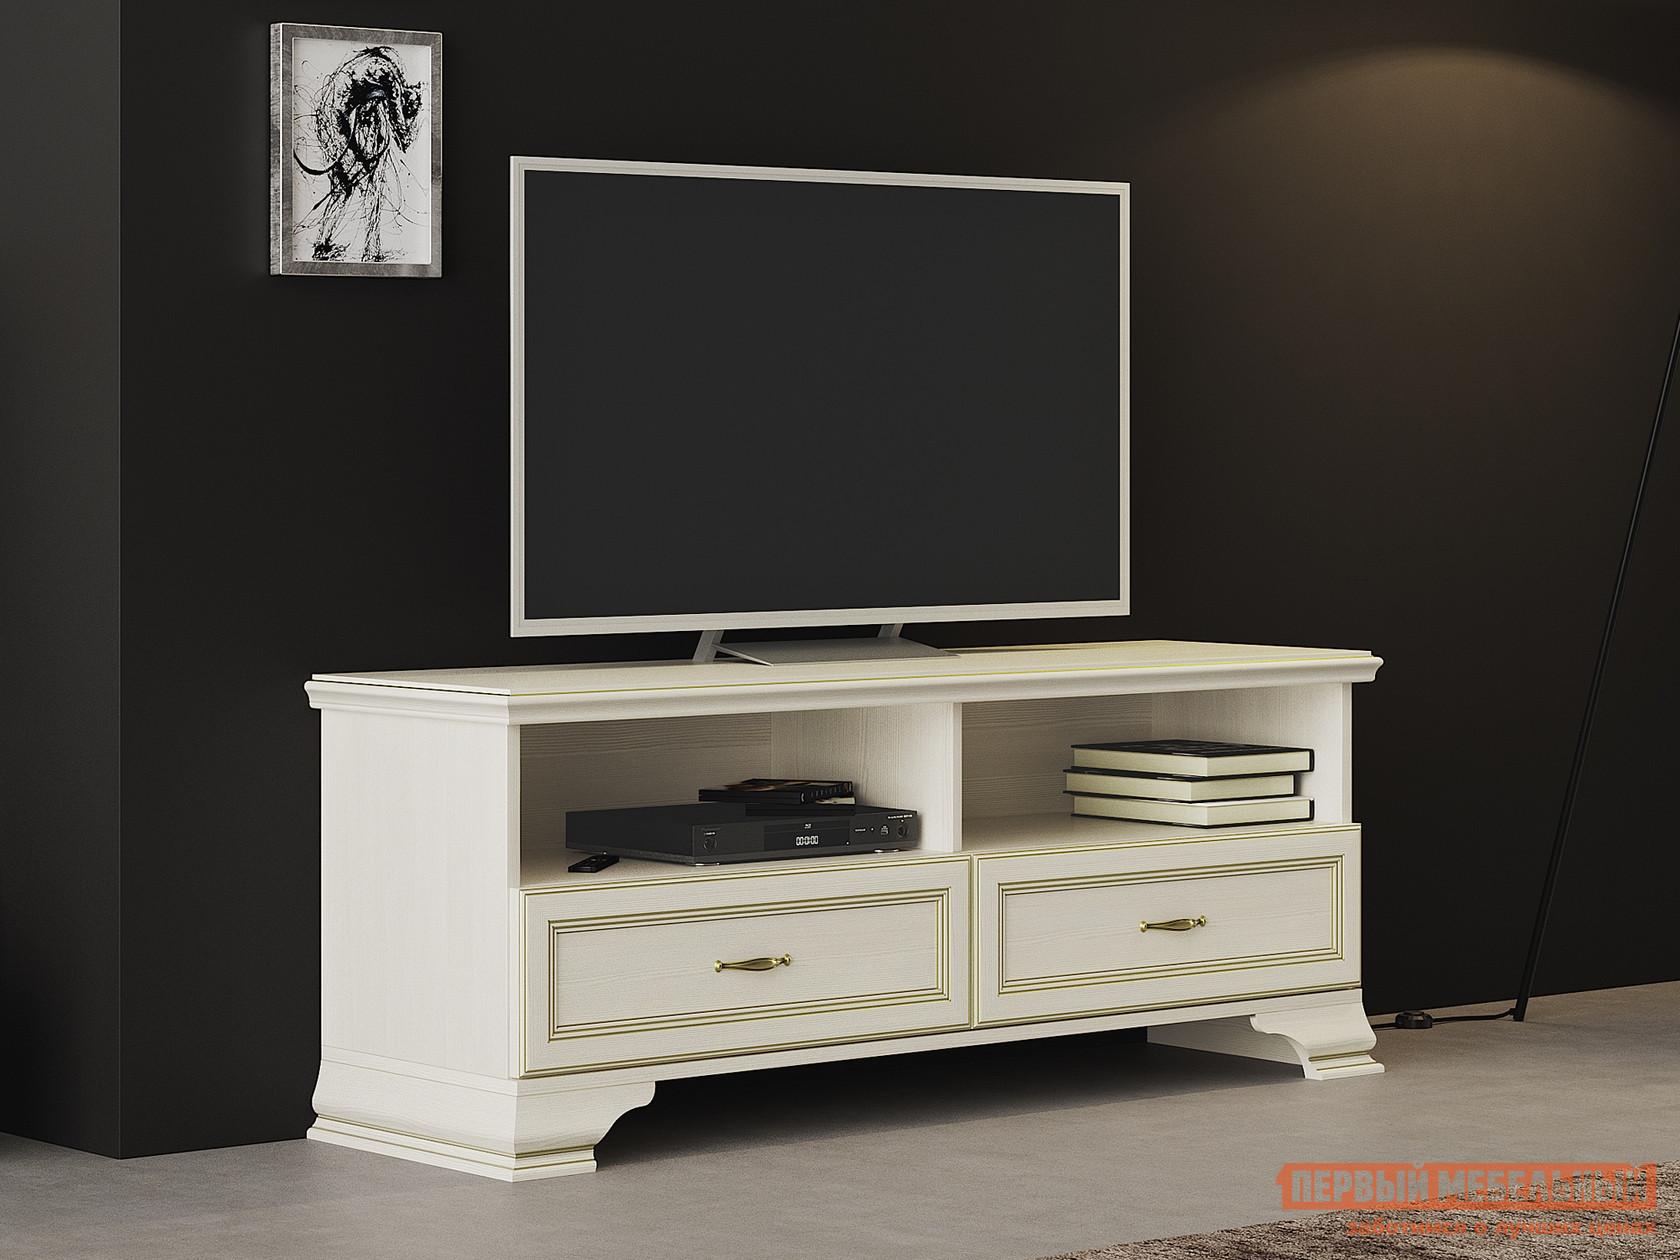 ТВ-тумба Первый Мебельный ТВ тумба низкая Сиена тв тумба первый мебельный тумба под тв лейла тумба под тв малая лейла